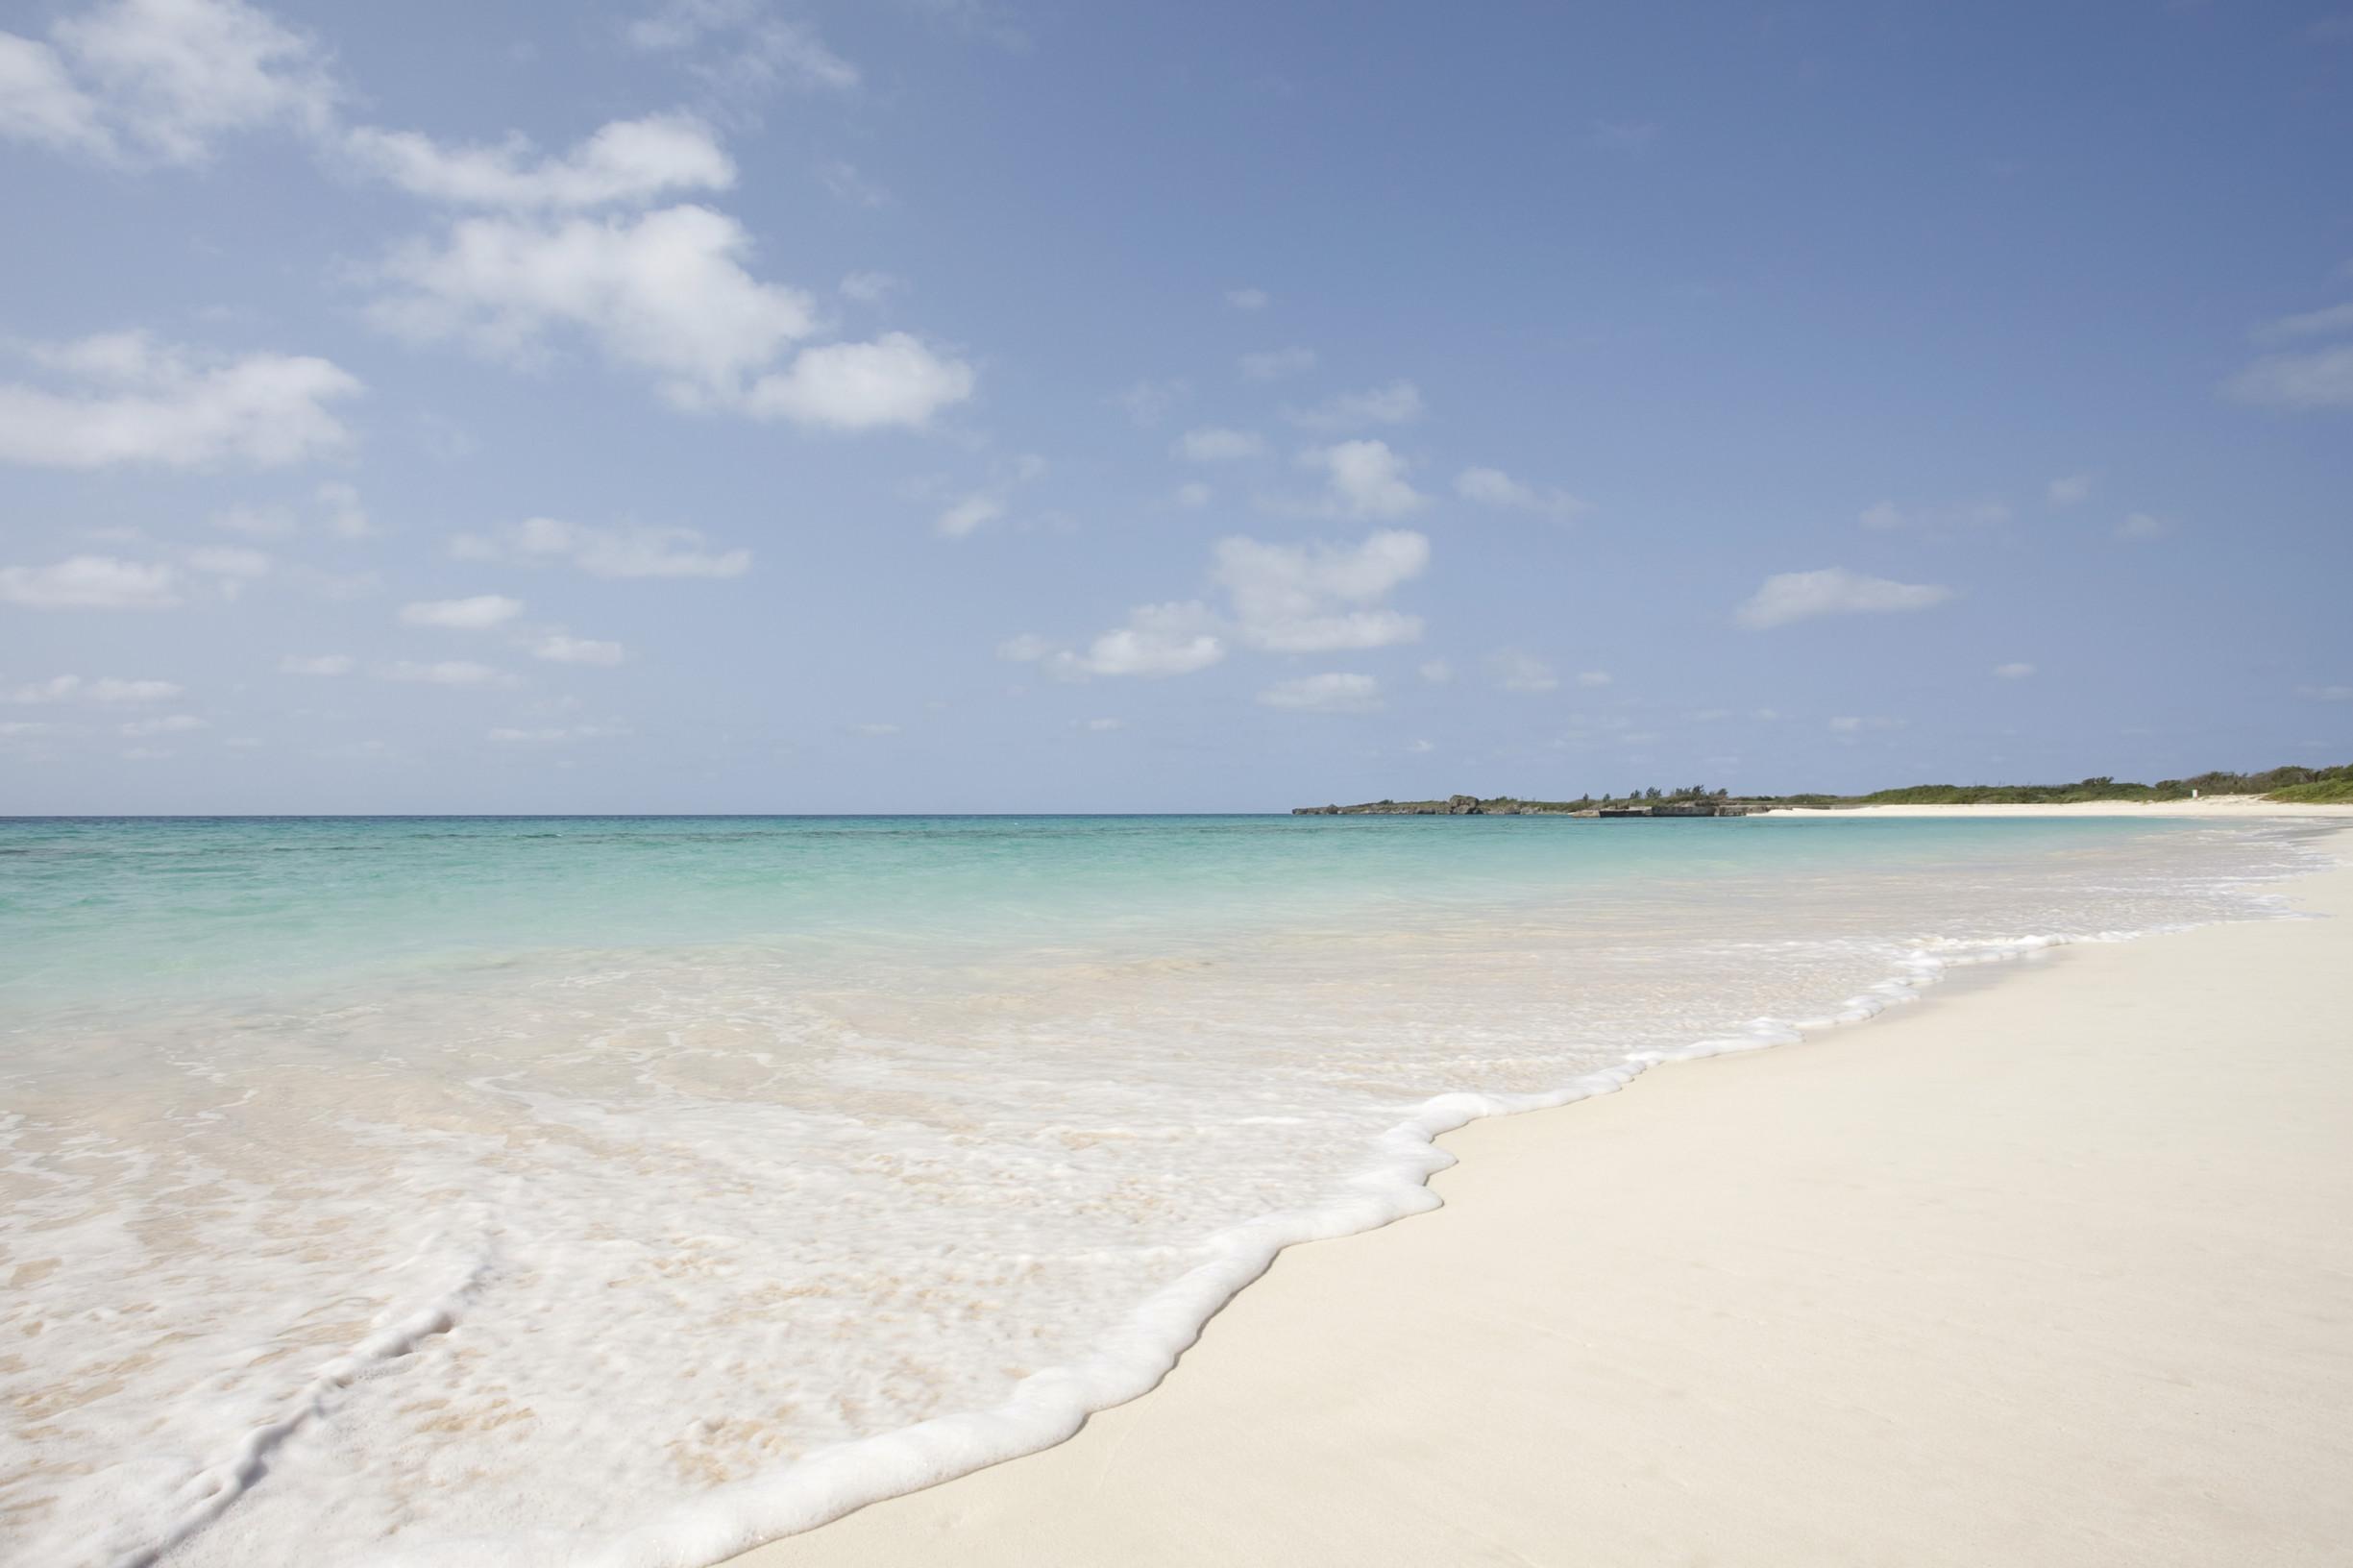 Toguchi-no-hama beach, Irabu island. ©OCVB